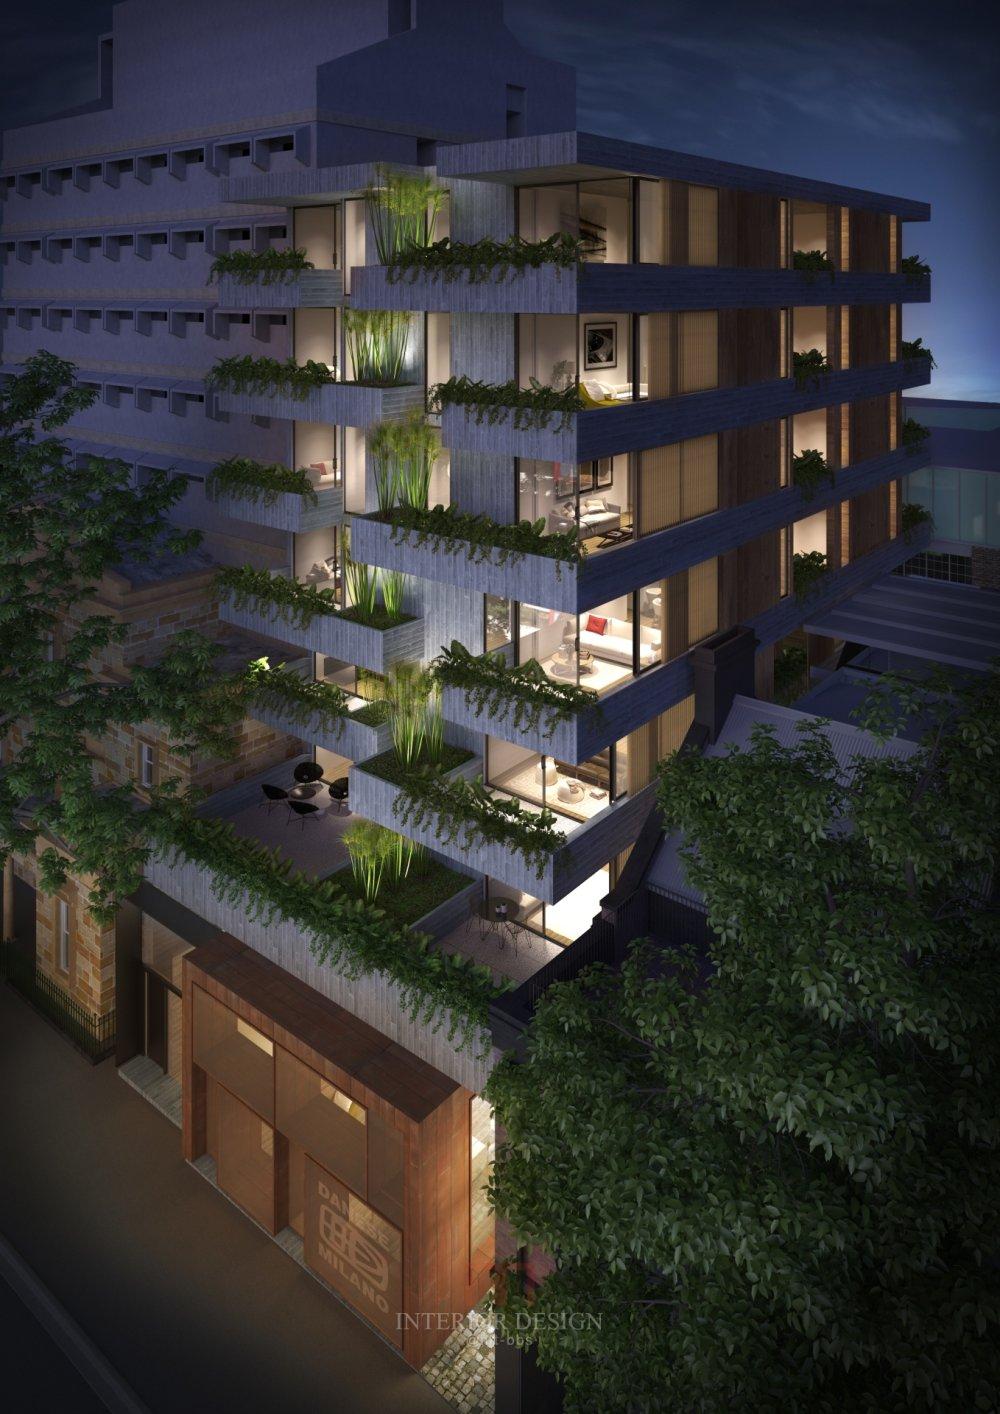 伍兹贝格建筑设计公司_120115_N5_screenhd.jpg